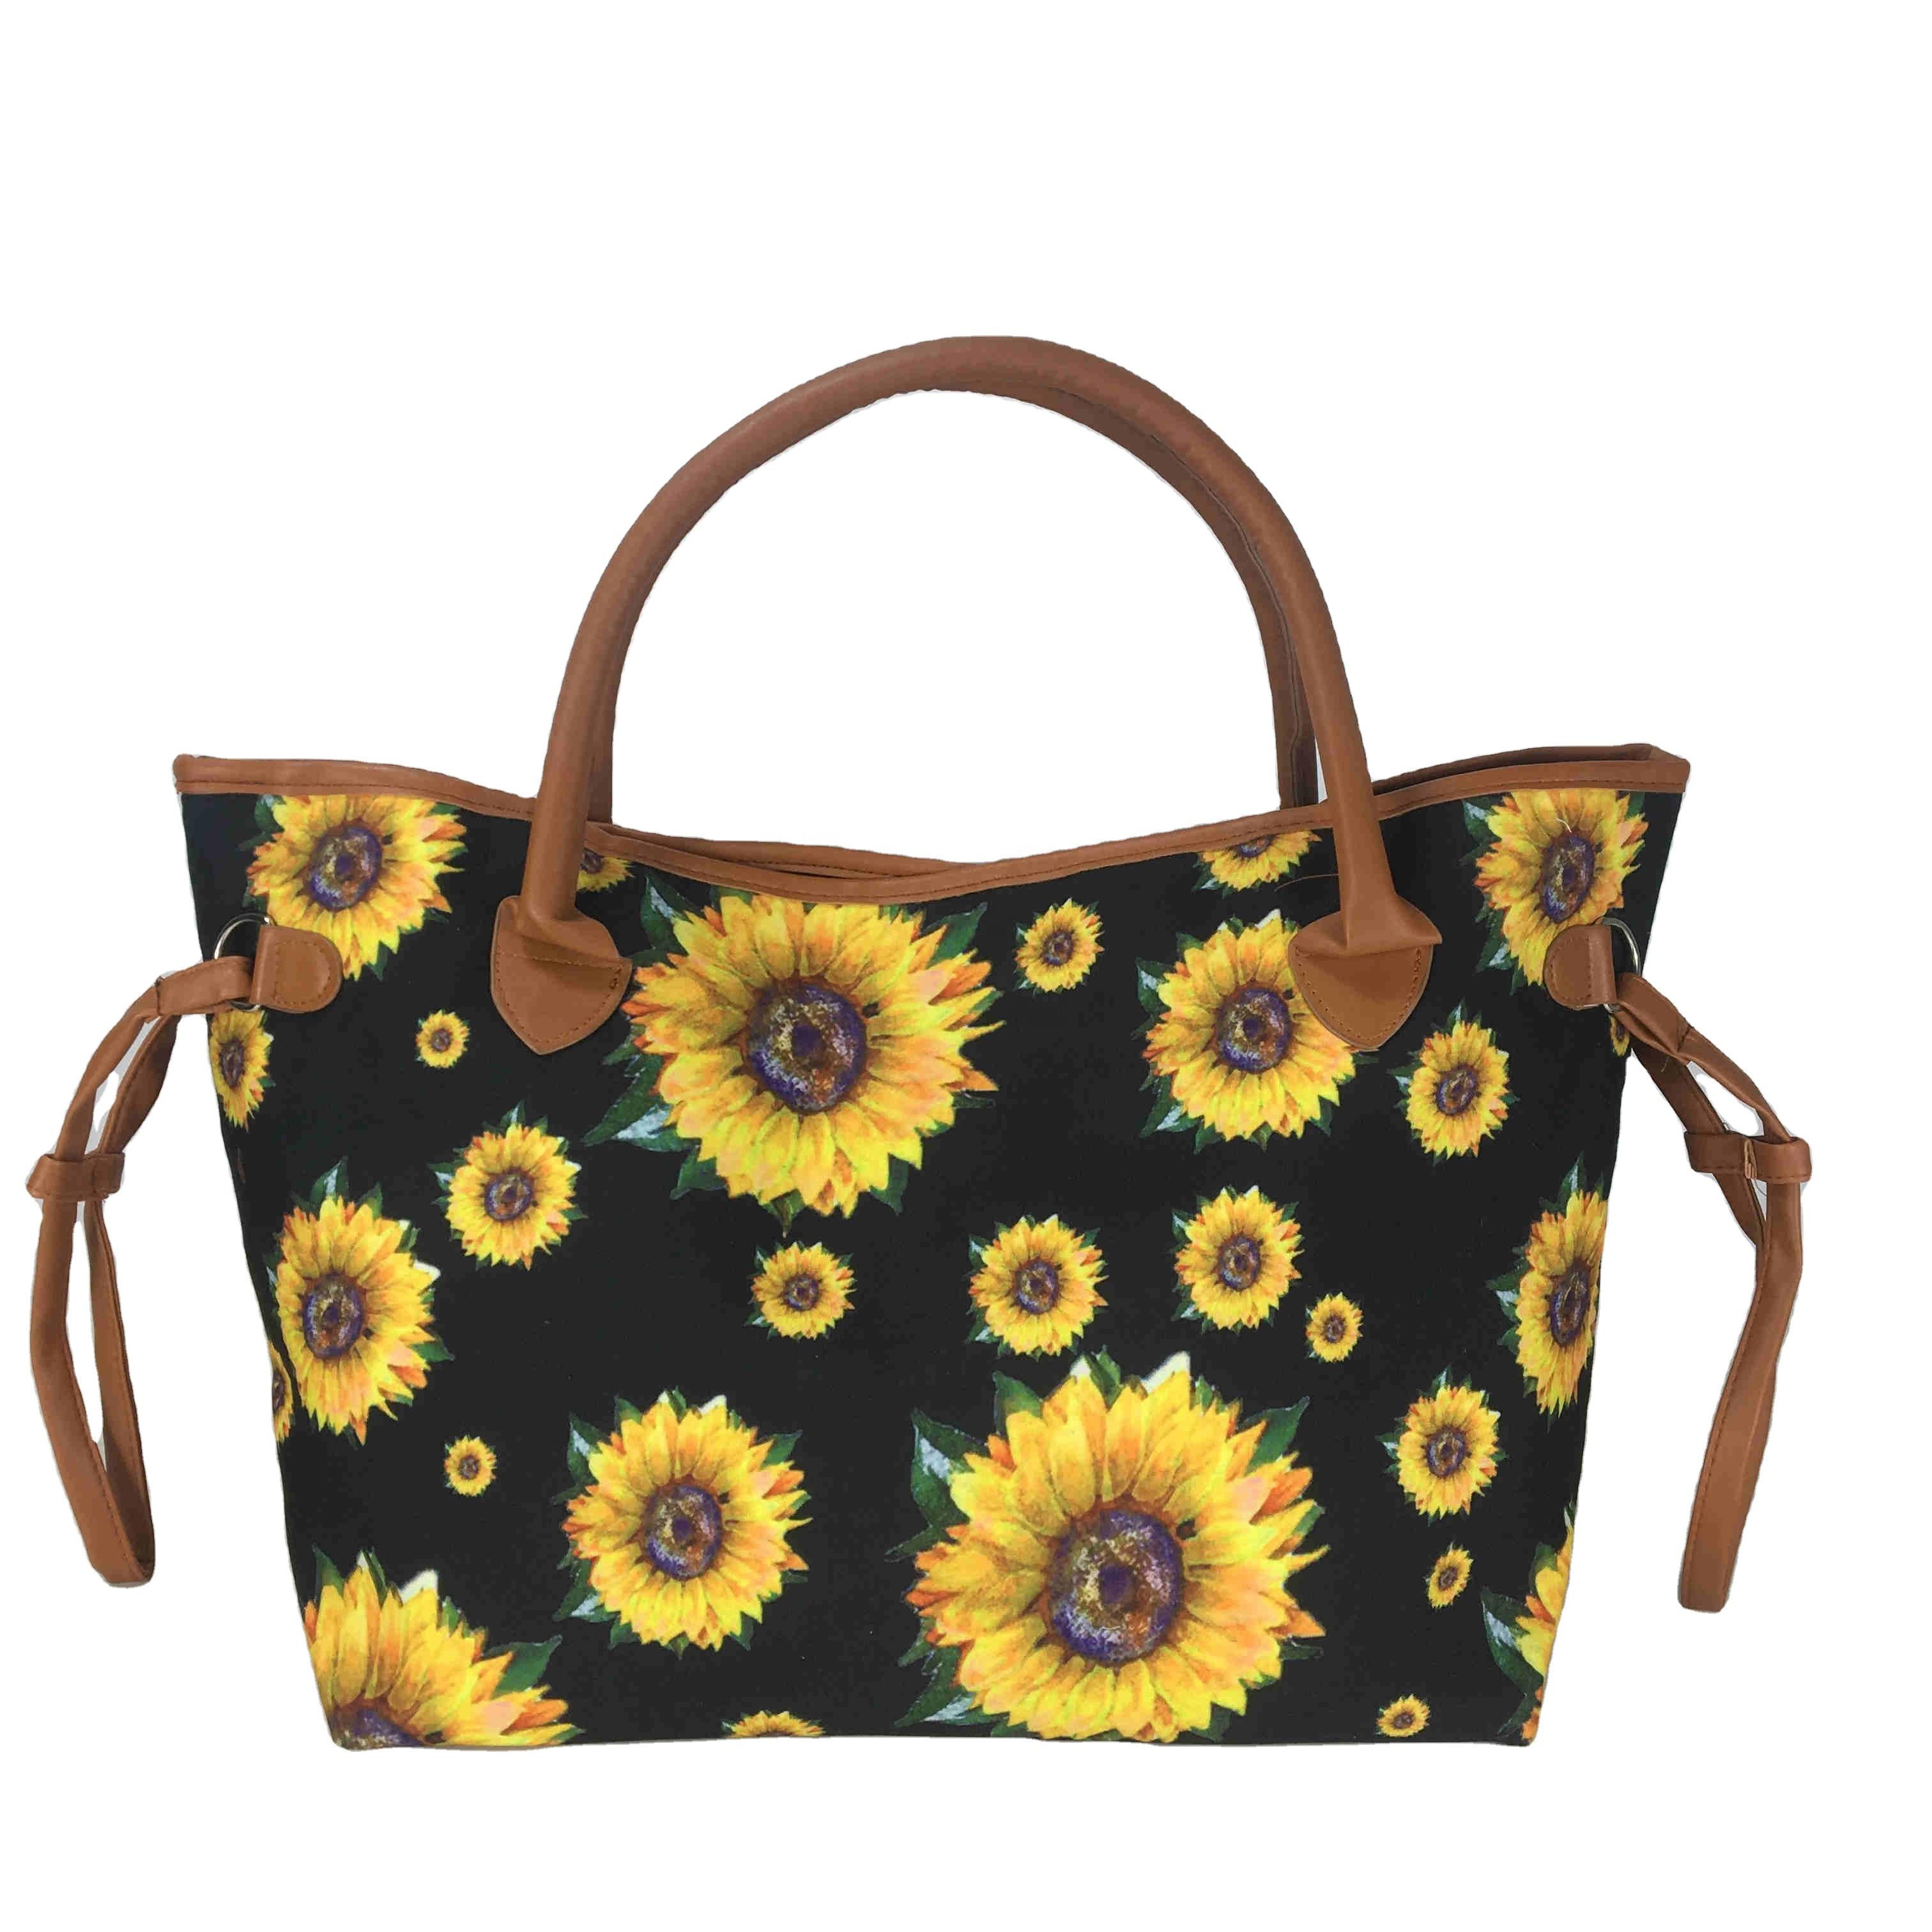 Grosir Tas Bunga Matahari Hitam Kosong Untuk Wanita Tote Bag Tas Tangan Utilitas Dengan Tas Tangan Kulit Lain Buy Bunga Matahari Tote Tas Lain Tas Tangan Tas Kulit Product On Alibaba Com